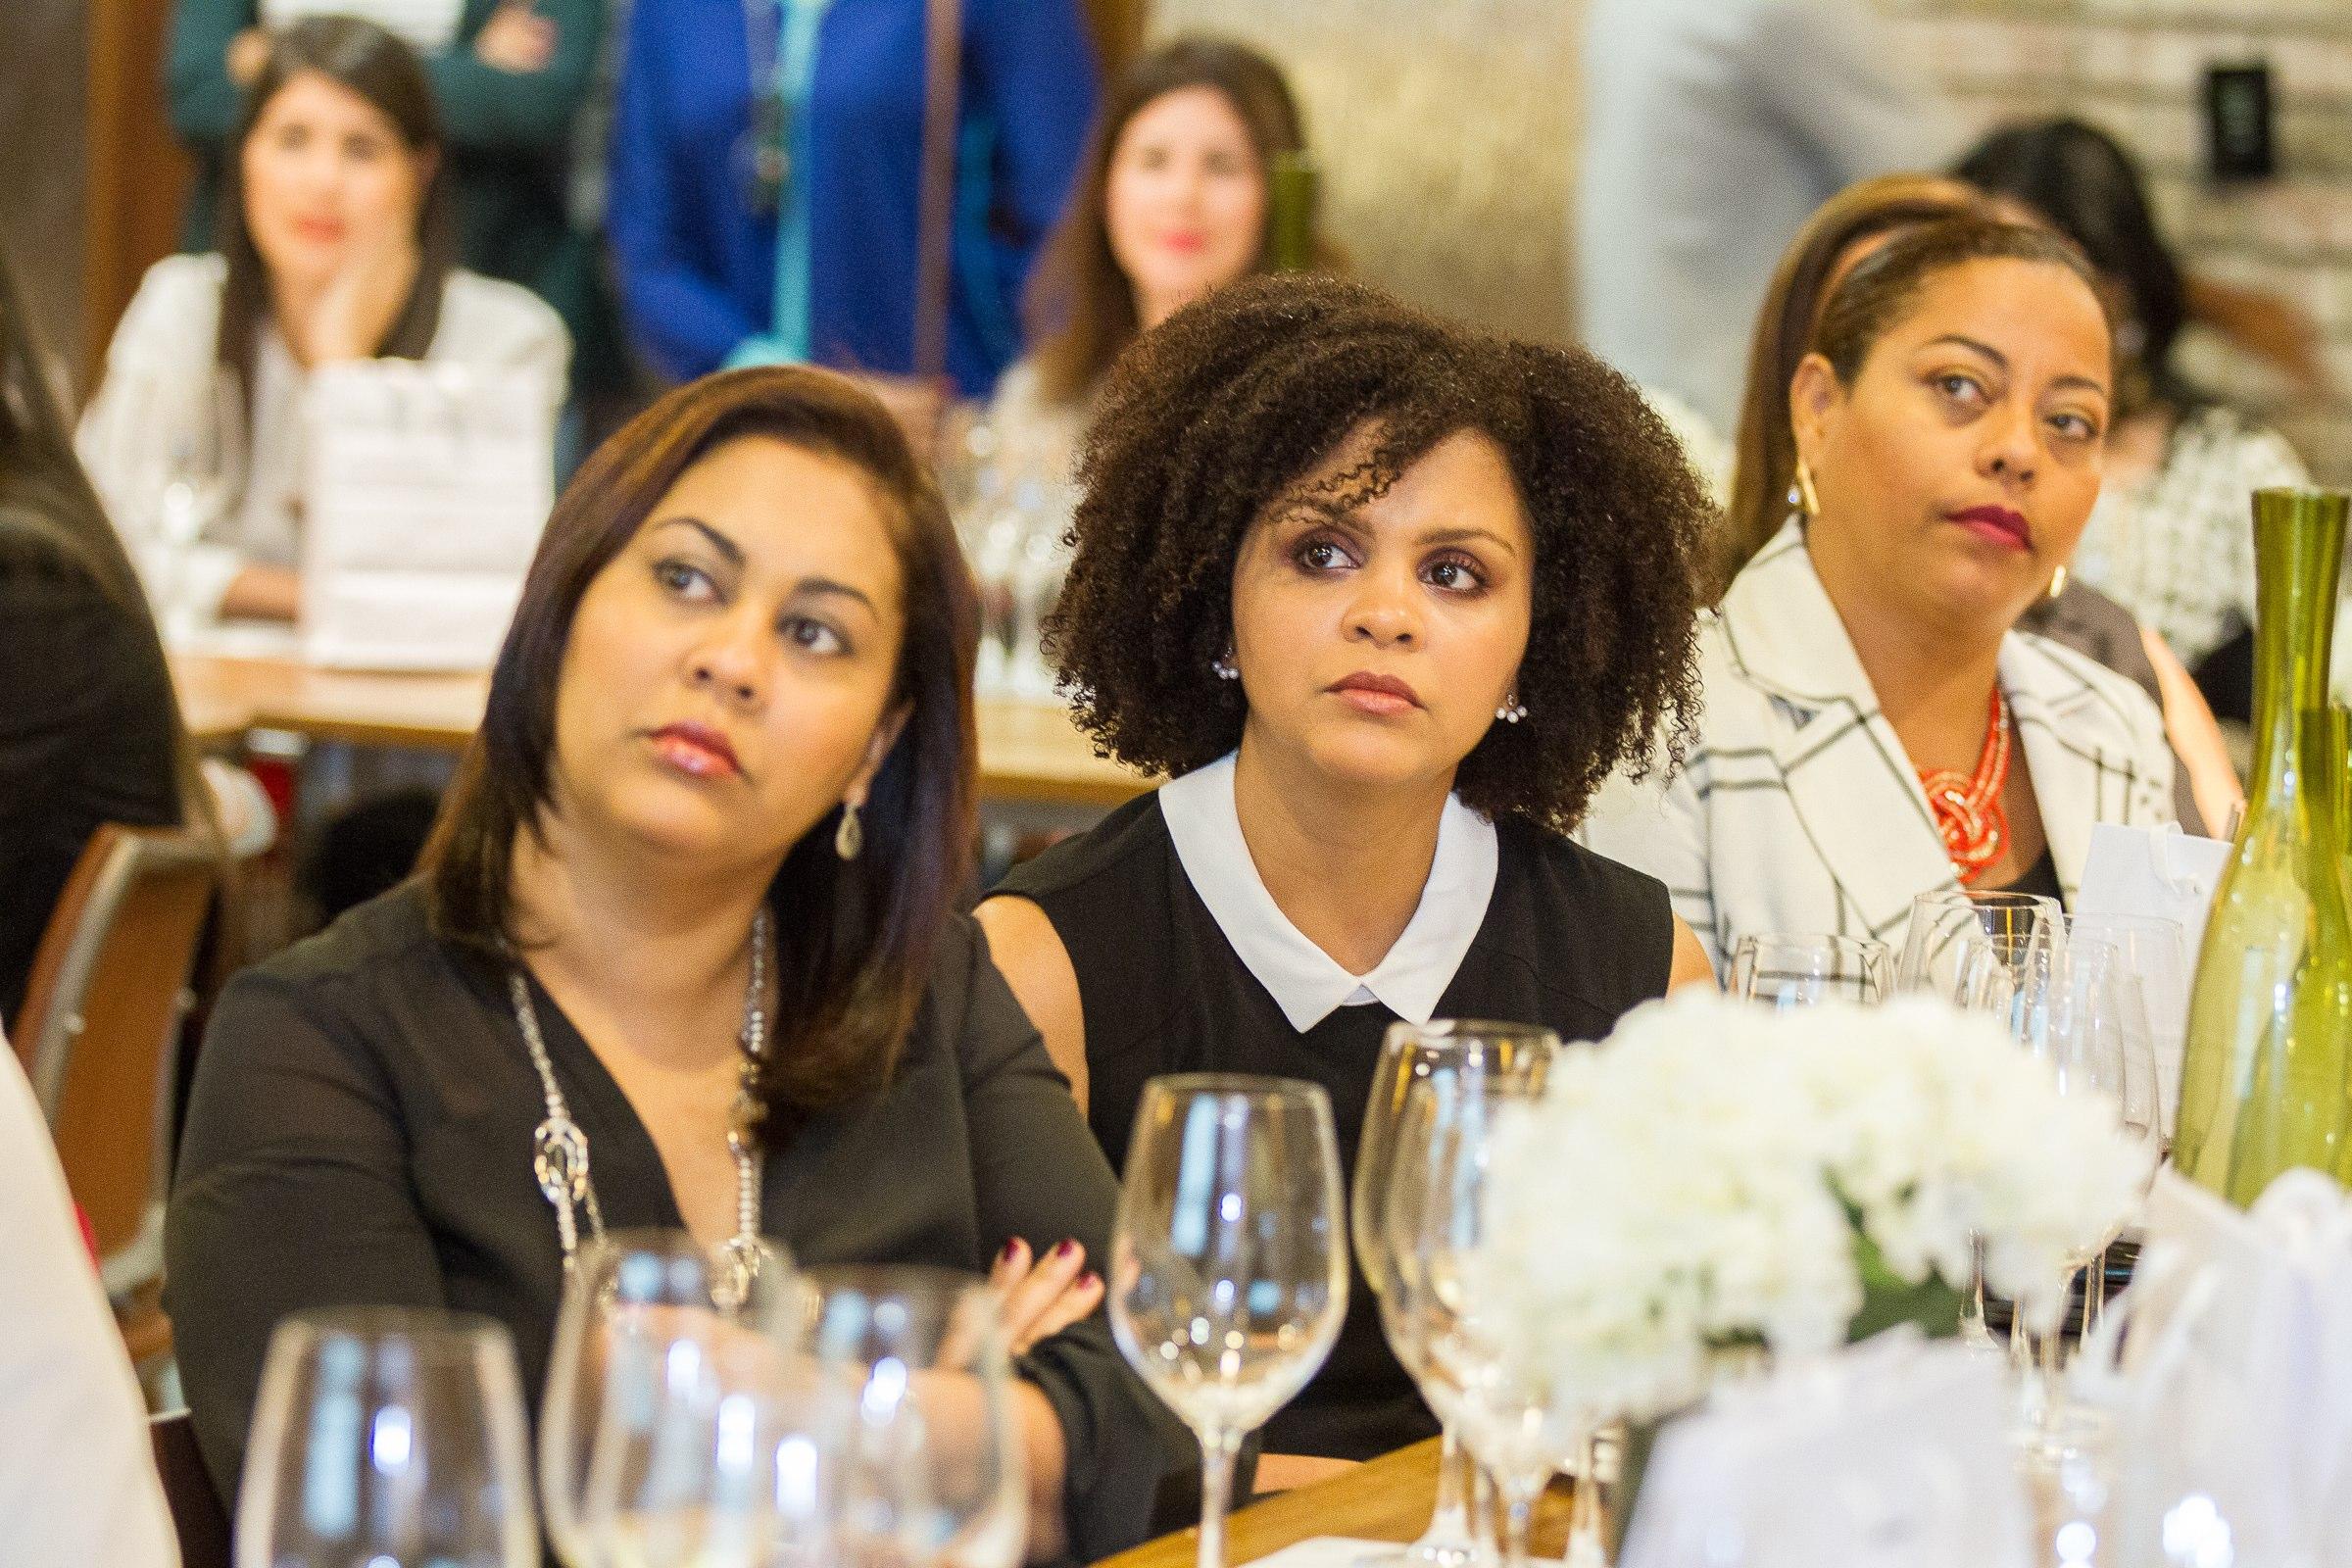 IMG_5184_Deyanira Vasquez, Ivelisse Vasquez, Santa de la Cruz.